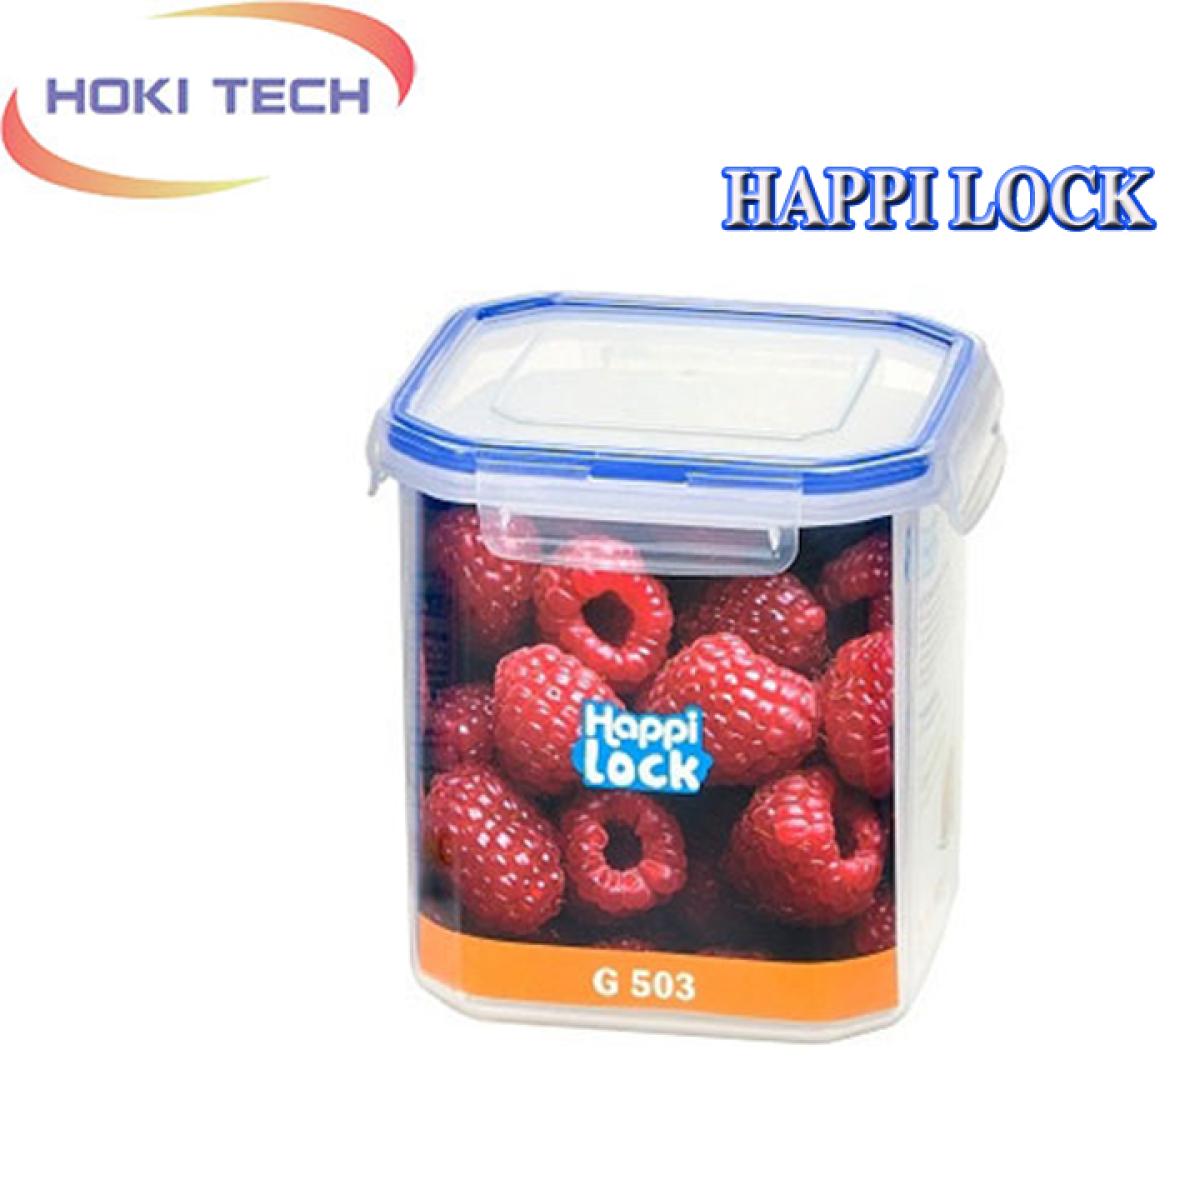 [XẢ KHO] Hộp Happi Lock 1200ml nắp gài 4 cạnh chắc chắn, đựng thực phẩm an toàn thumbnail